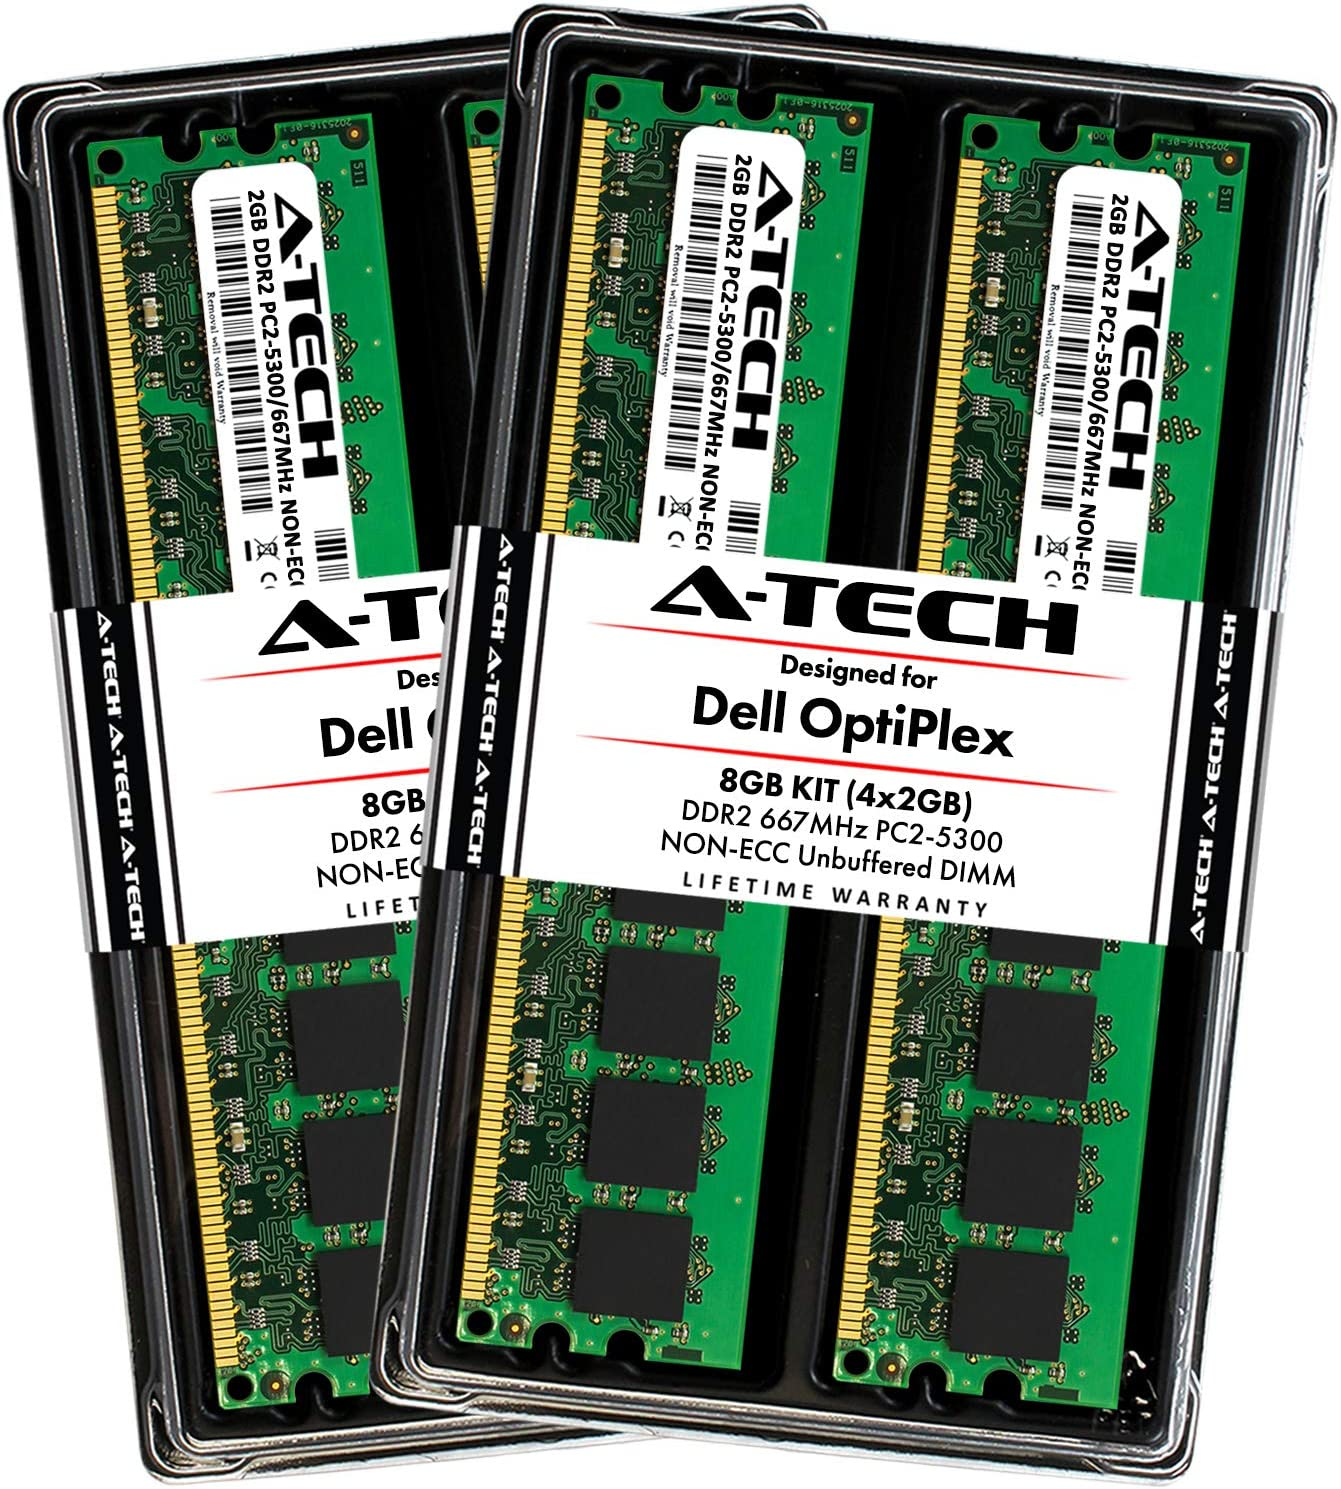 A-Tech 8GB (4X 2GB) Max Memory RAM Kit for Dell OptiPlex 755, 745, 740, (MT, DT, SFF) - DDR2 667MHz PC2-5300 Non-ECC DIMM Upgrade